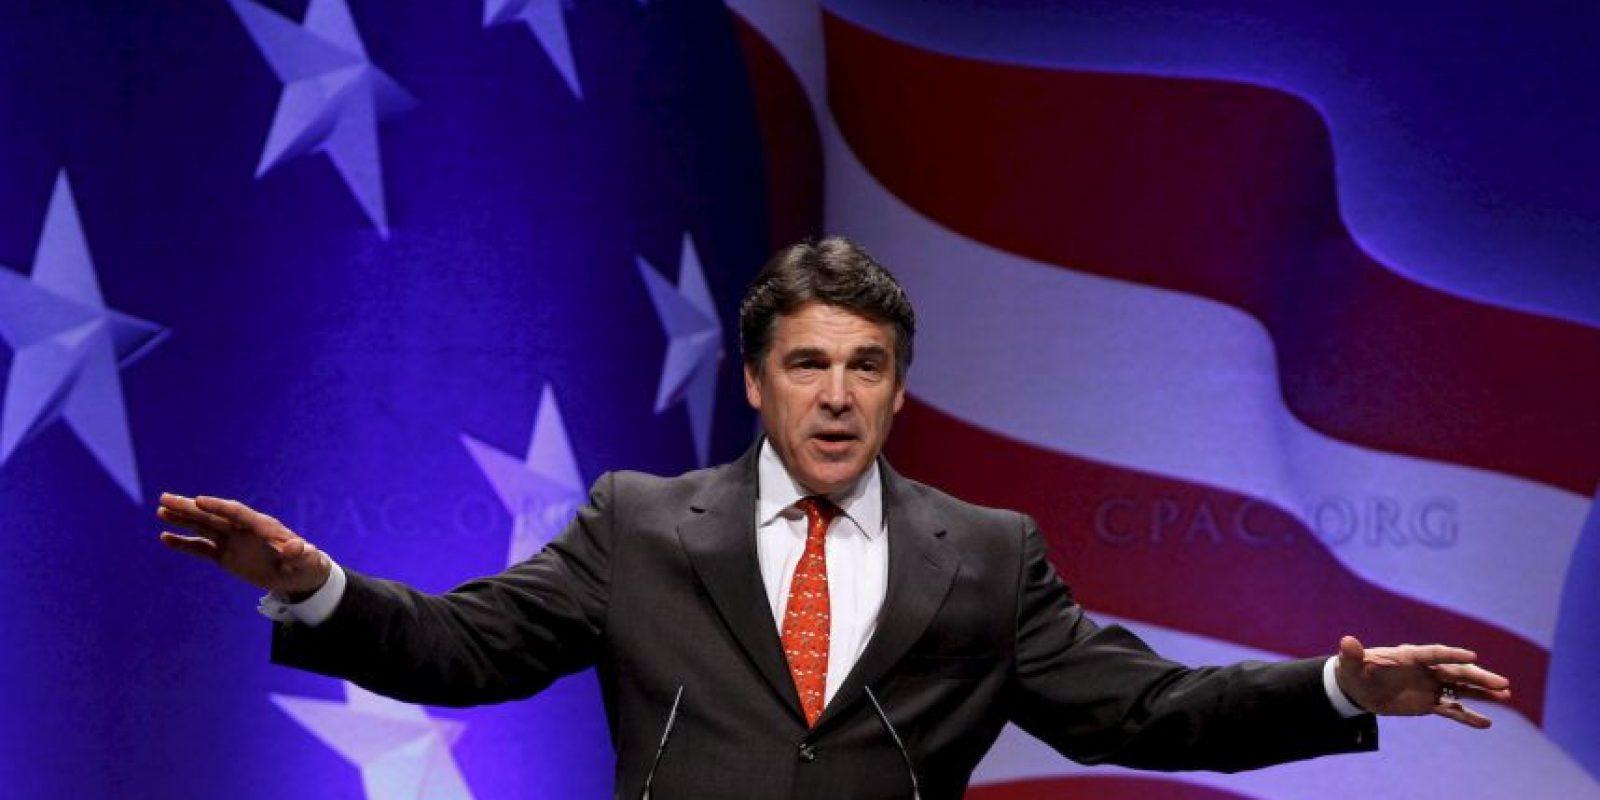 Los precandidatos que no participarán del debate serán reunidos por la cadena horas antes. Foto:Getty Images